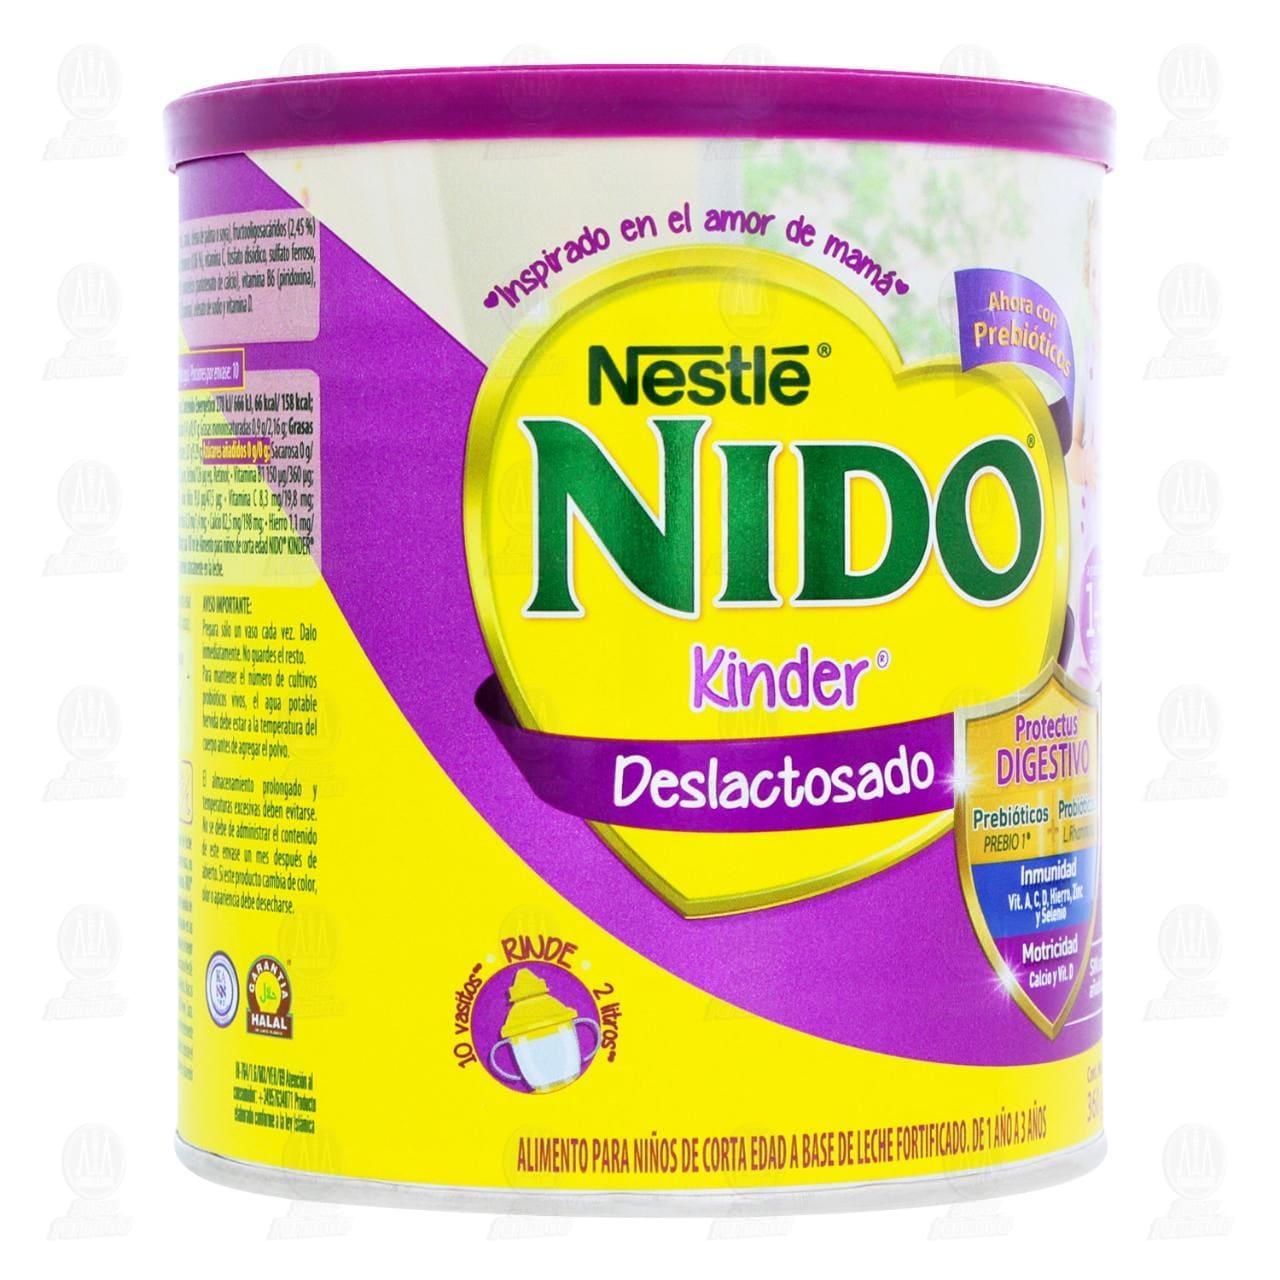 Comprar Producto Lácteo Nestlé Nido Kinder Deslactosado en Polvo (Edad 1-3 Años), 360 gr. en Farmacias Guadalajara